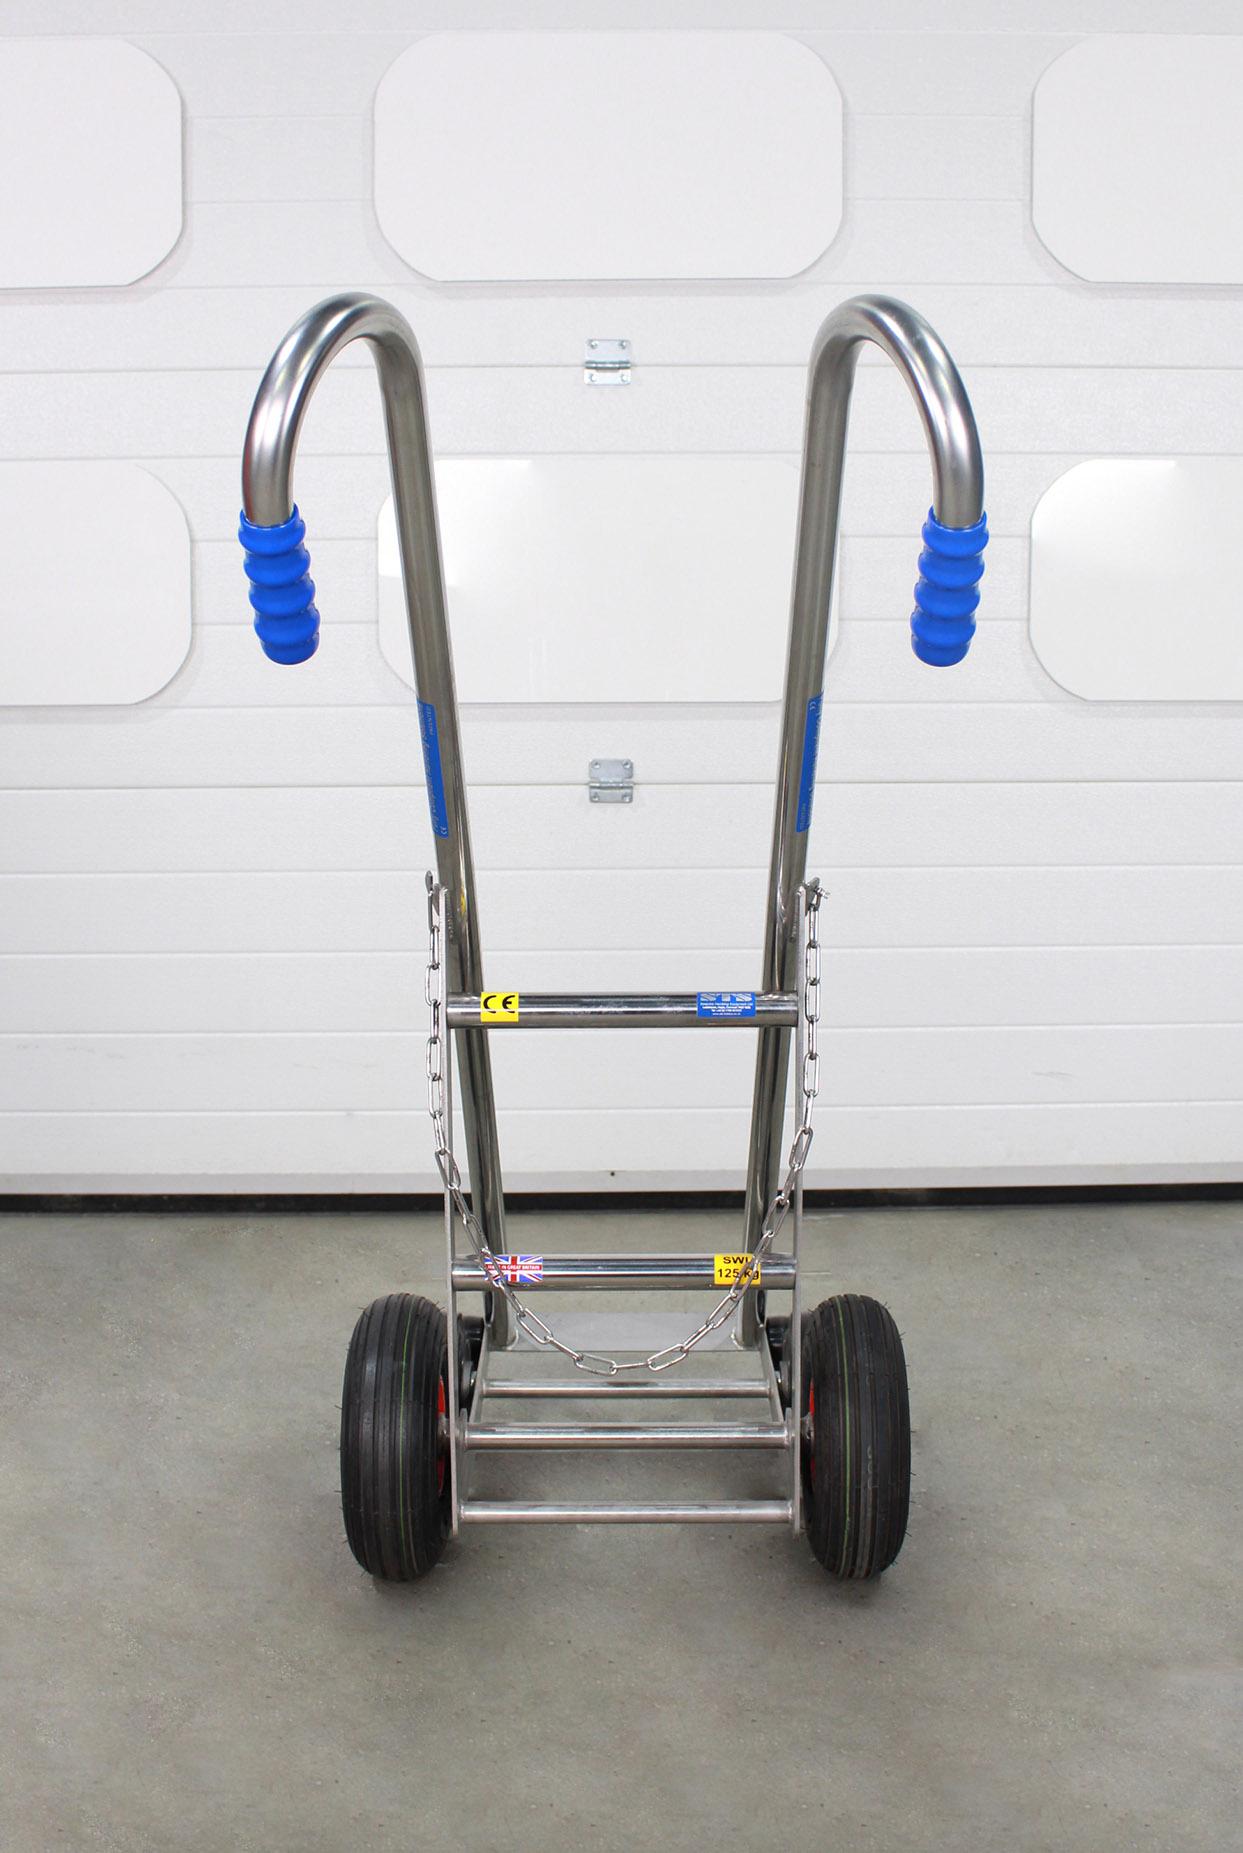 LPG-gas-trolley-stainless-steel.jpg